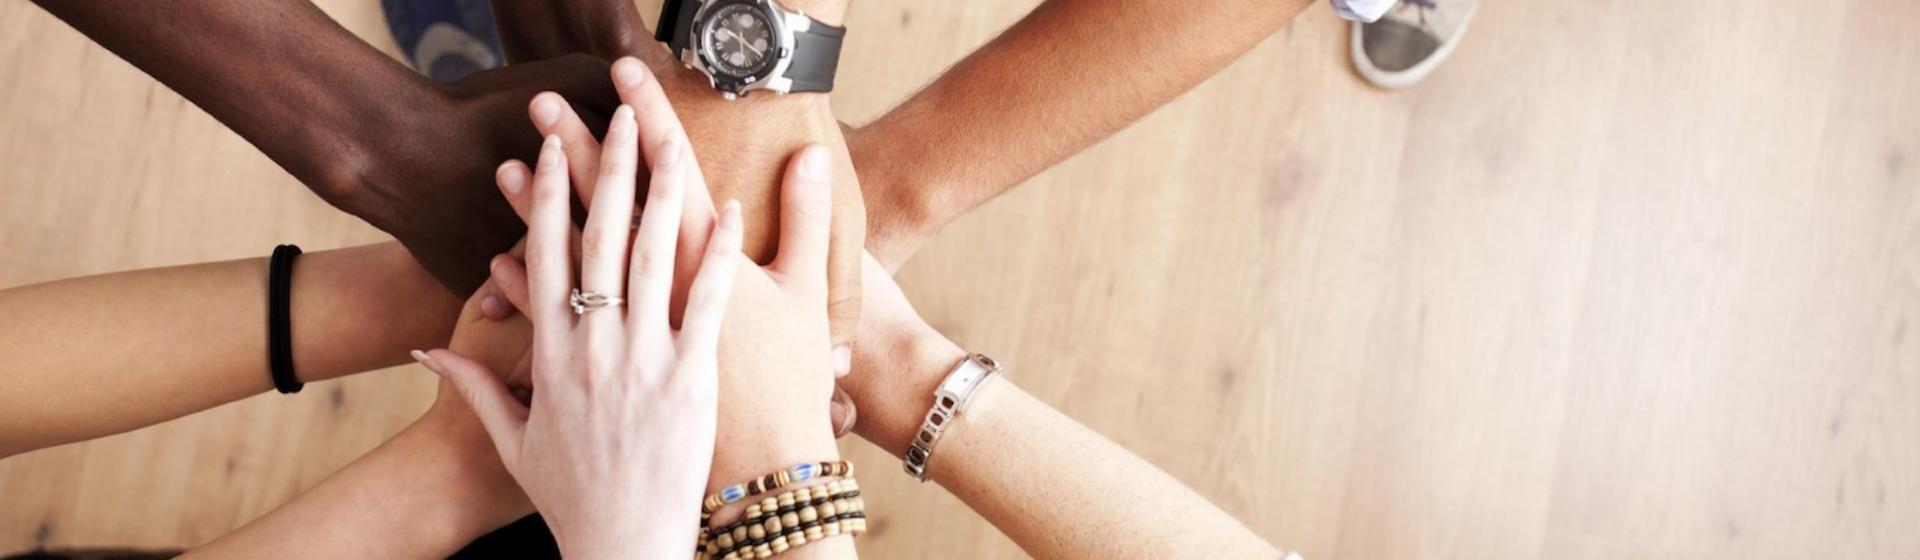 ¿Qué son las habilidades socioemocionales? Descubre cuán importantes son para nuestro desarrollo personal